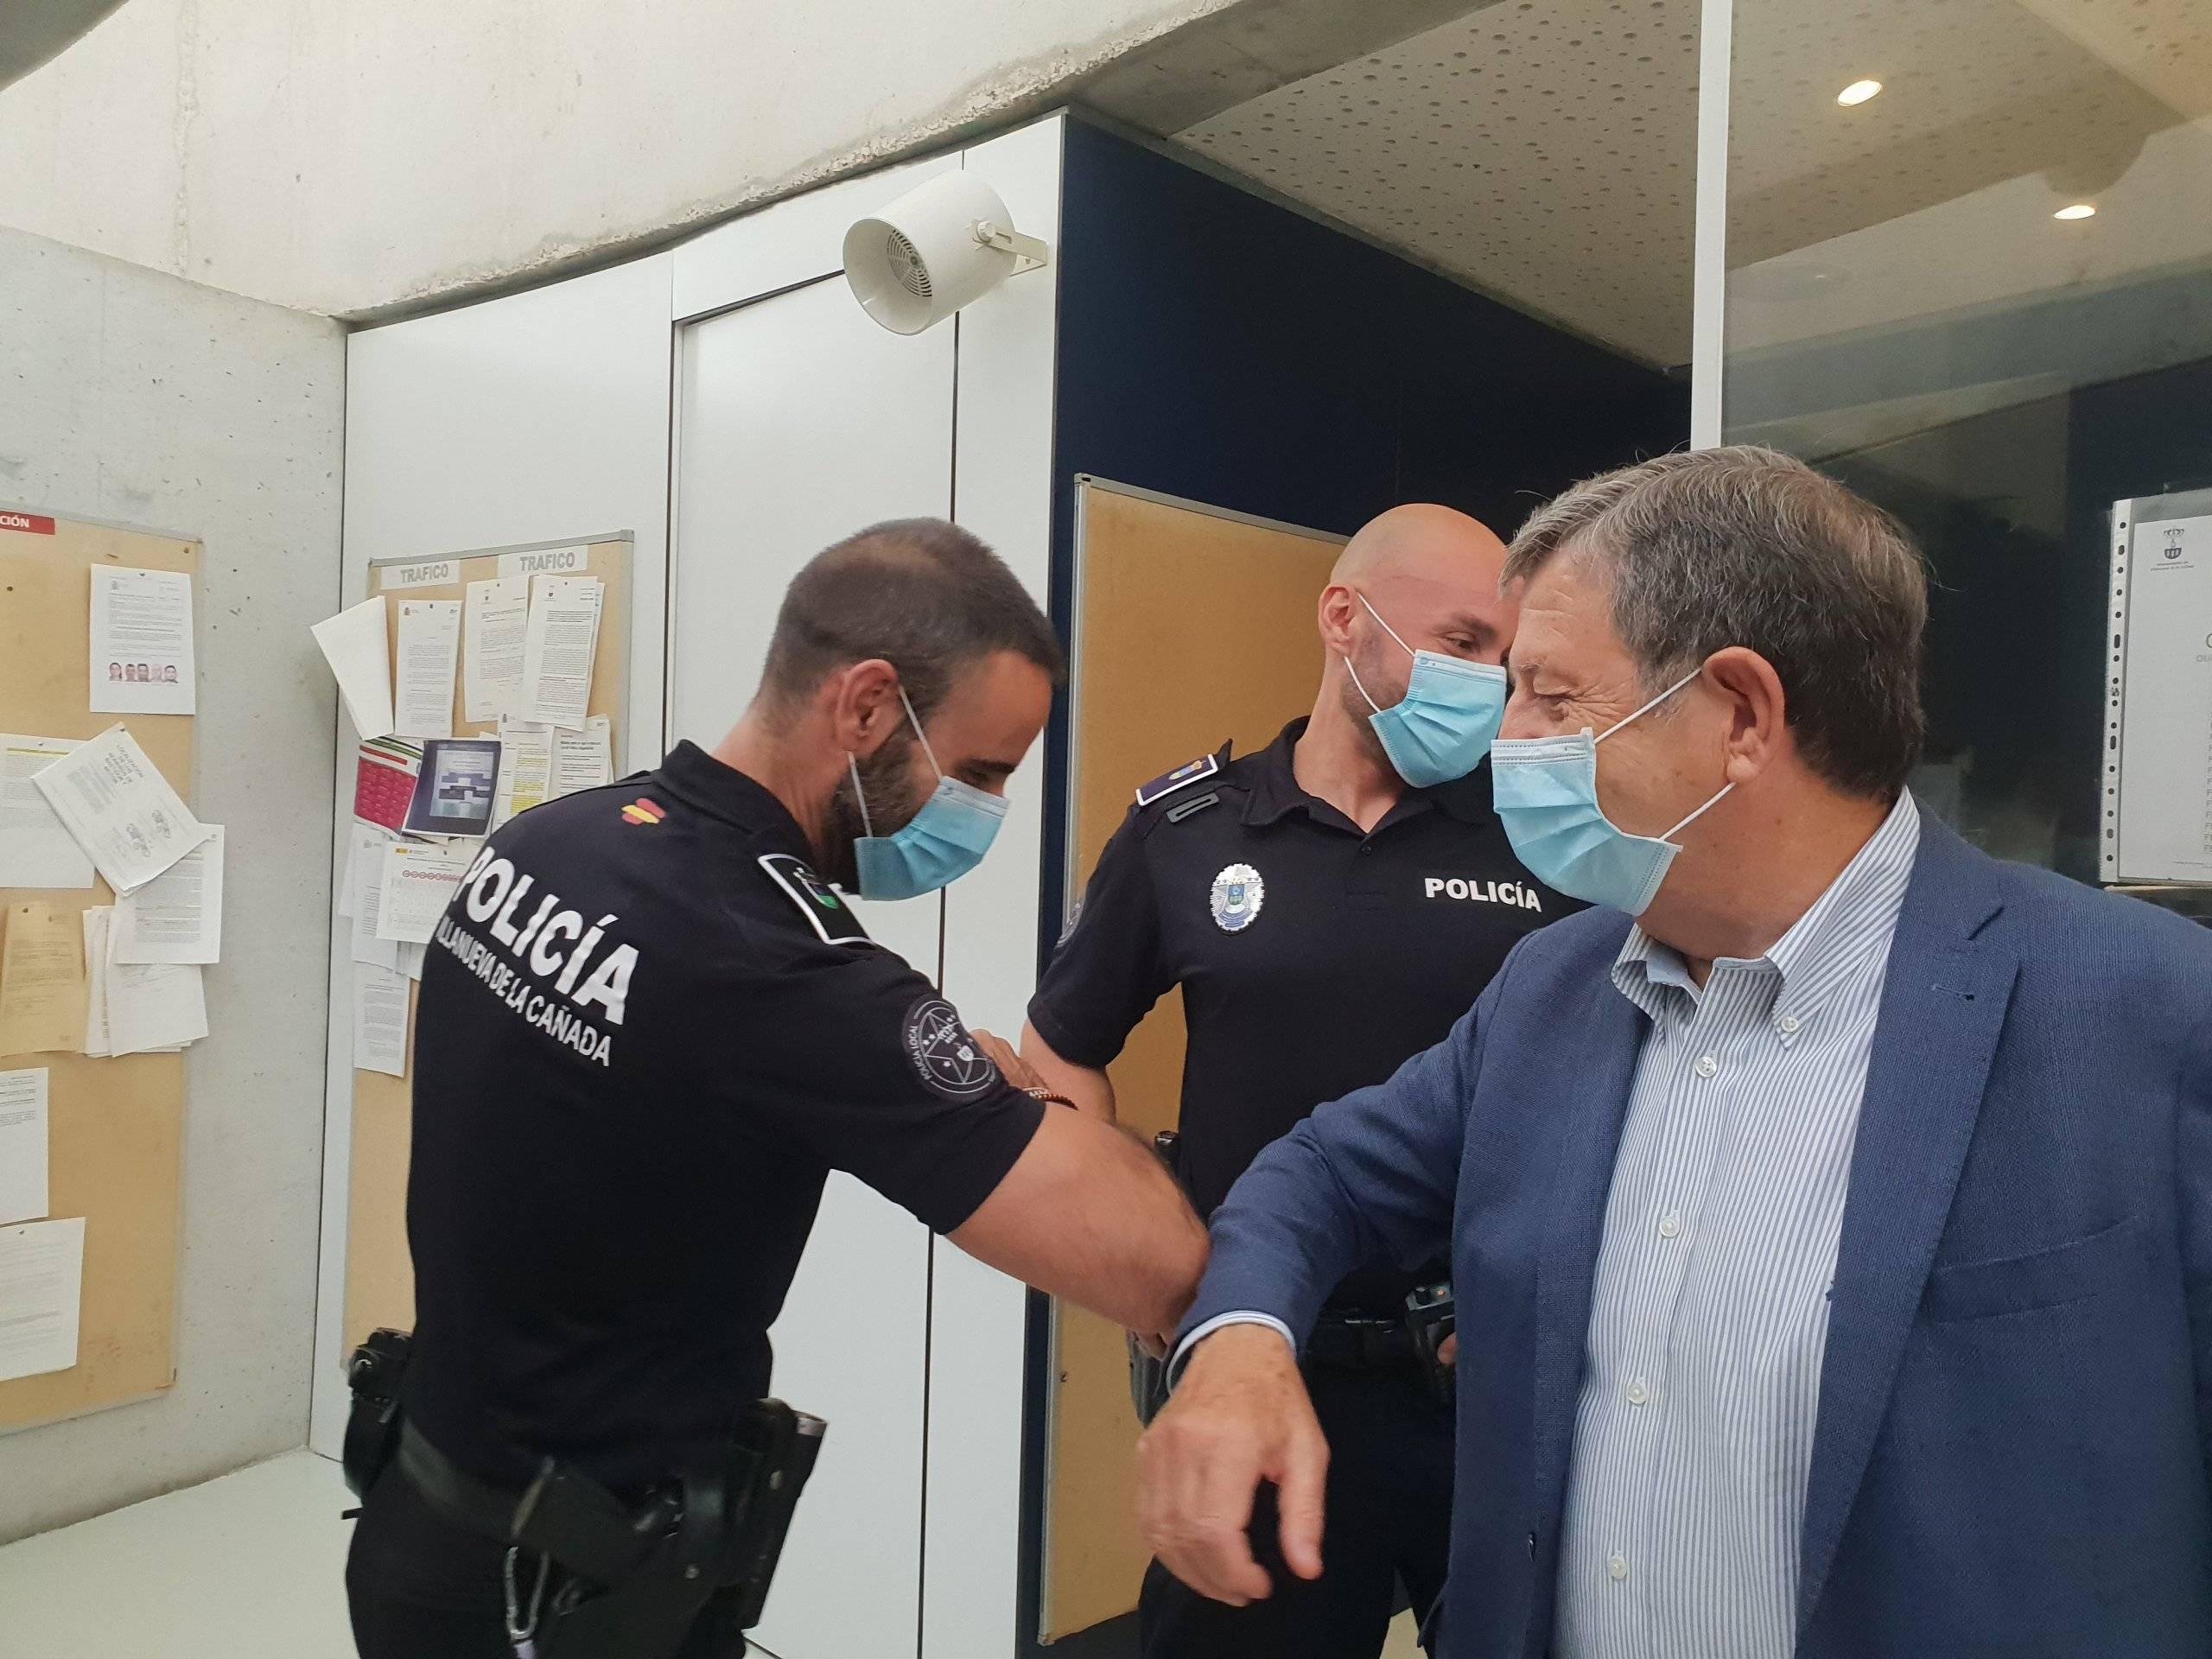 El alcalde, Luis Partida, saludando a uno de los policías.